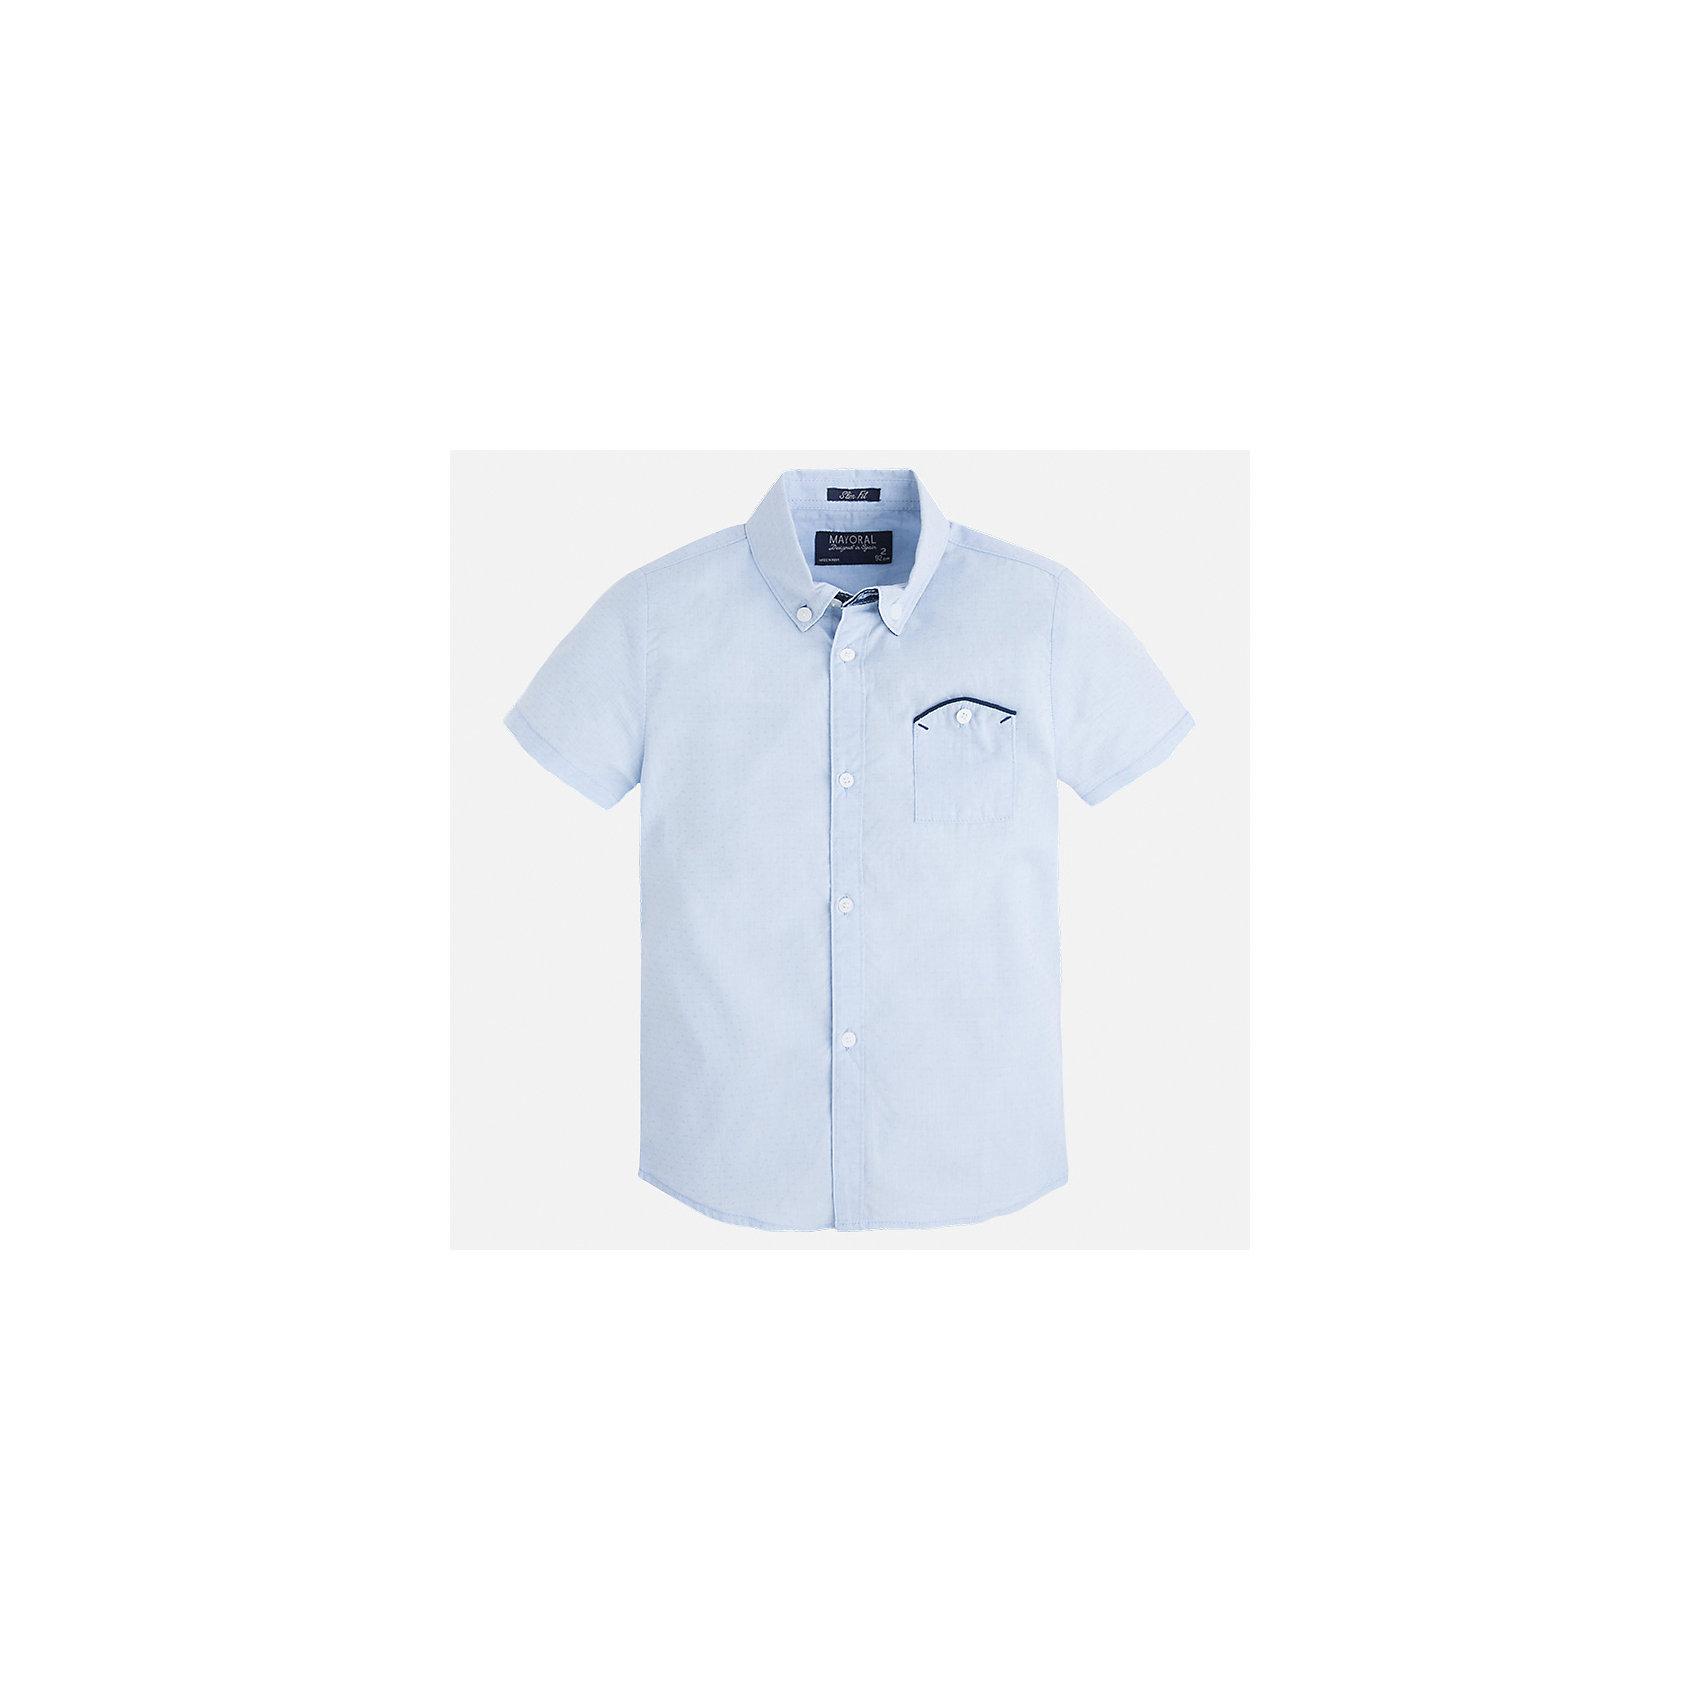 Рубашка для мальчика MayoralХарактеристики товара:<br><br>• цвет: голубой<br>• состав: 100% хлопок<br>• отложной воротник<br>• короткие рукава<br>• застежка: пуговицы<br>• карман на груди<br>• страна бренда: Испания<br><br>Стильная рубашка для мальчика может стать базовой вещью в гардеробе ребенка. Она отлично сочетается с брюками, шортами, джинсами и т.д. Универсальный крой и цвет позволяет подобрать к вещи низ разных расцветок. Практичное и стильное изделие! В составе материала - только натуральный хлопок, гипоаллергенный, приятный на ощупь, дышащий.<br><br>Одежда, обувь и аксессуары от испанского бренда Mayoral полюбились детям и взрослым по всему миру. Модели этой марки - стильные и удобные. Для их производства используются только безопасные, качественные материалы и фурнитура. Порадуйте ребенка модными и красивыми вещами от Mayoral! <br><br>Рубашку для мальчика от испанского бренда Mayoral (Майорал) можно купить в нашем интернет-магазине.<br><br>Ширина мм: 174<br>Глубина мм: 10<br>Высота мм: 169<br>Вес г: 157<br>Цвет: голубой<br>Возраст от месяцев: 18<br>Возраст до месяцев: 24<br>Пол: Мужской<br>Возраст: Детский<br>Размер: 92,98,134,128,122,116,110,104<br>SKU: 5272225